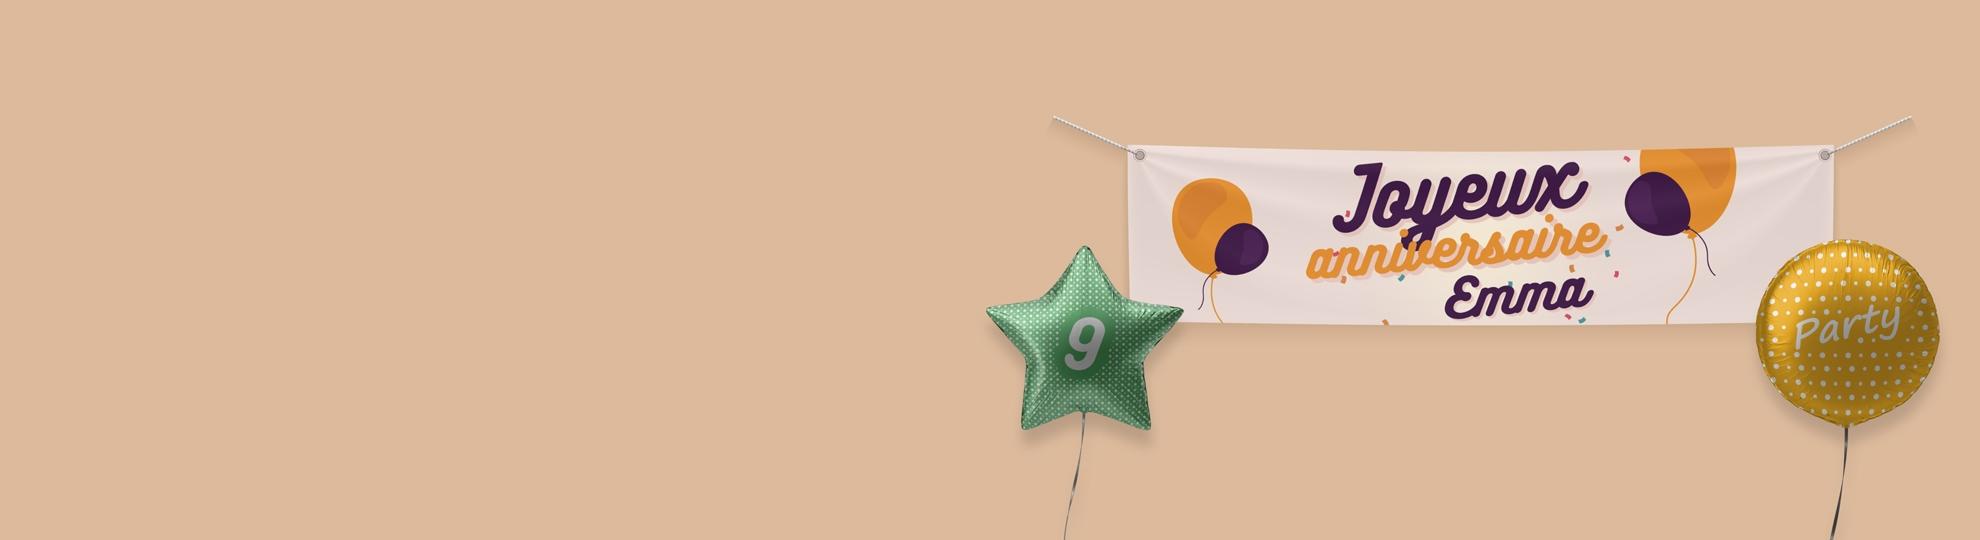 Imprimer banderole pour anniversaire